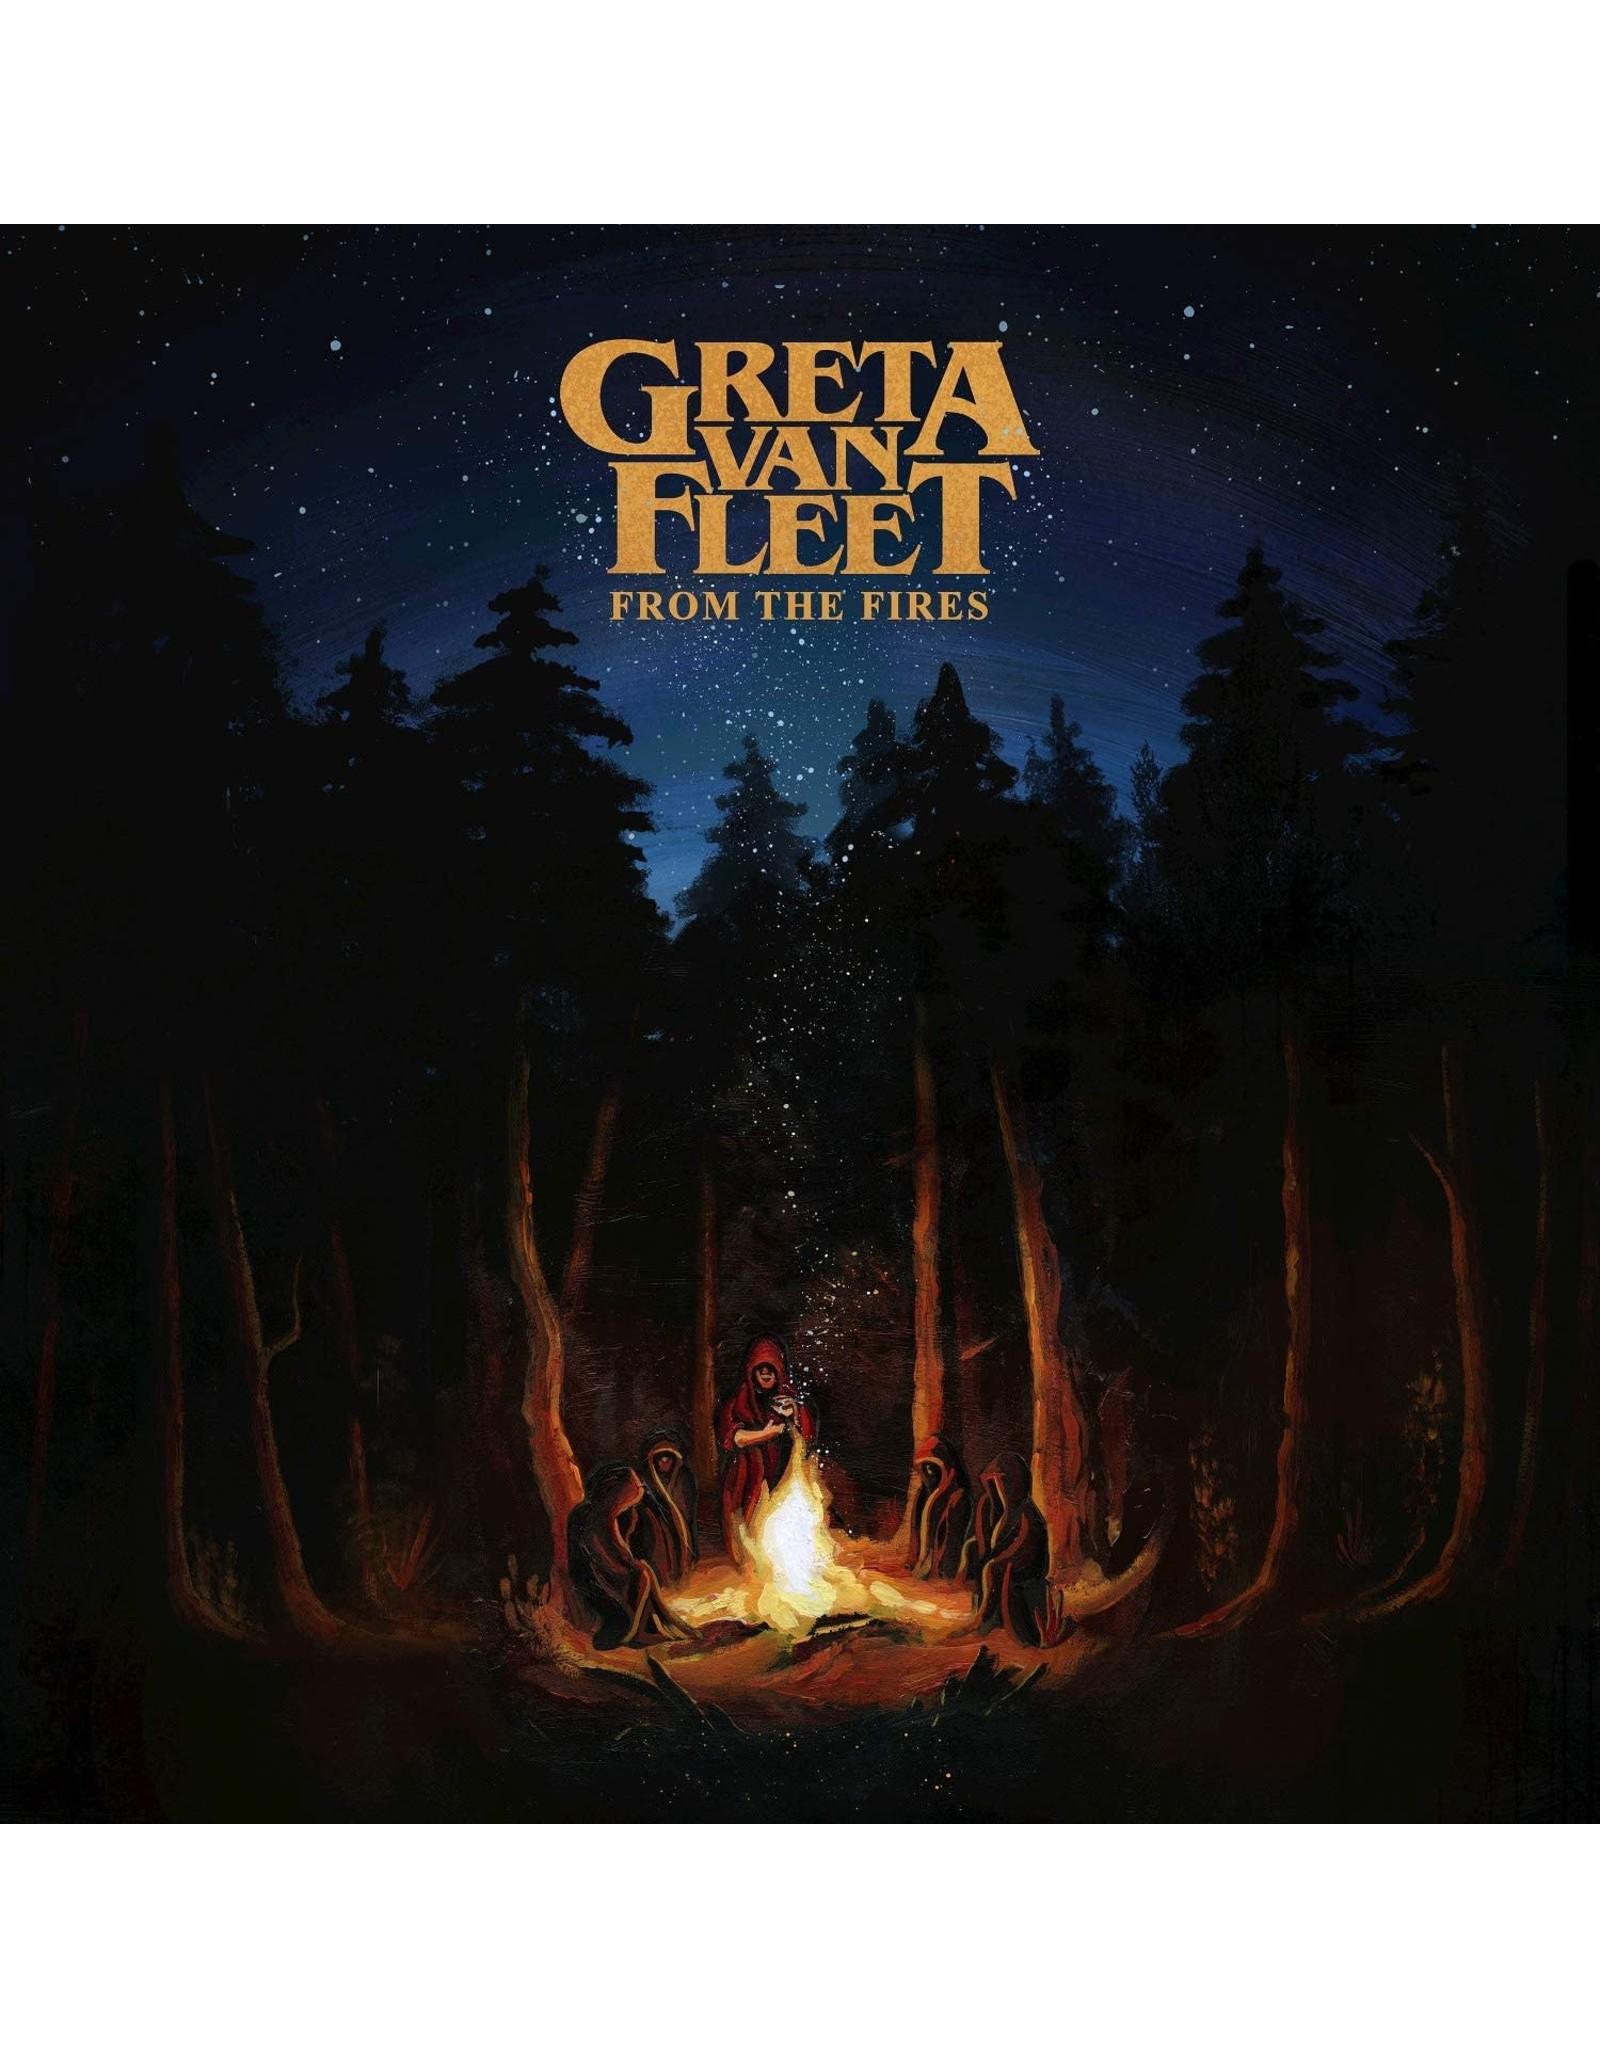 Greta Van Fleet - From the Fires LP